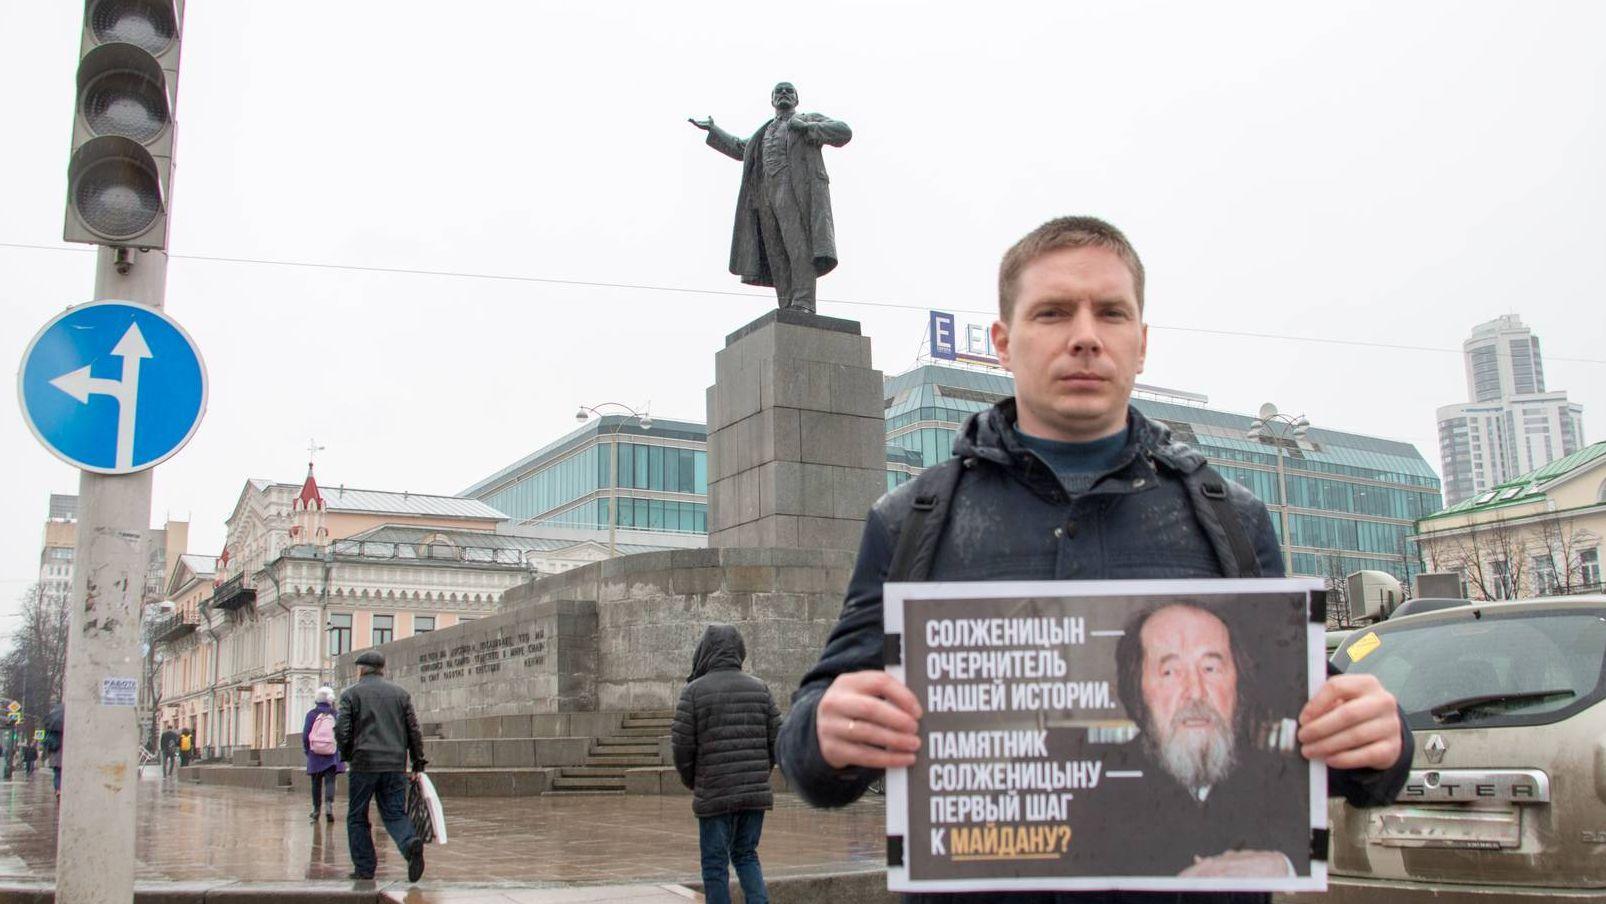 20180427_15-29-В Екатеринбурге прошел пикет против чествования «столетия Солженицына»